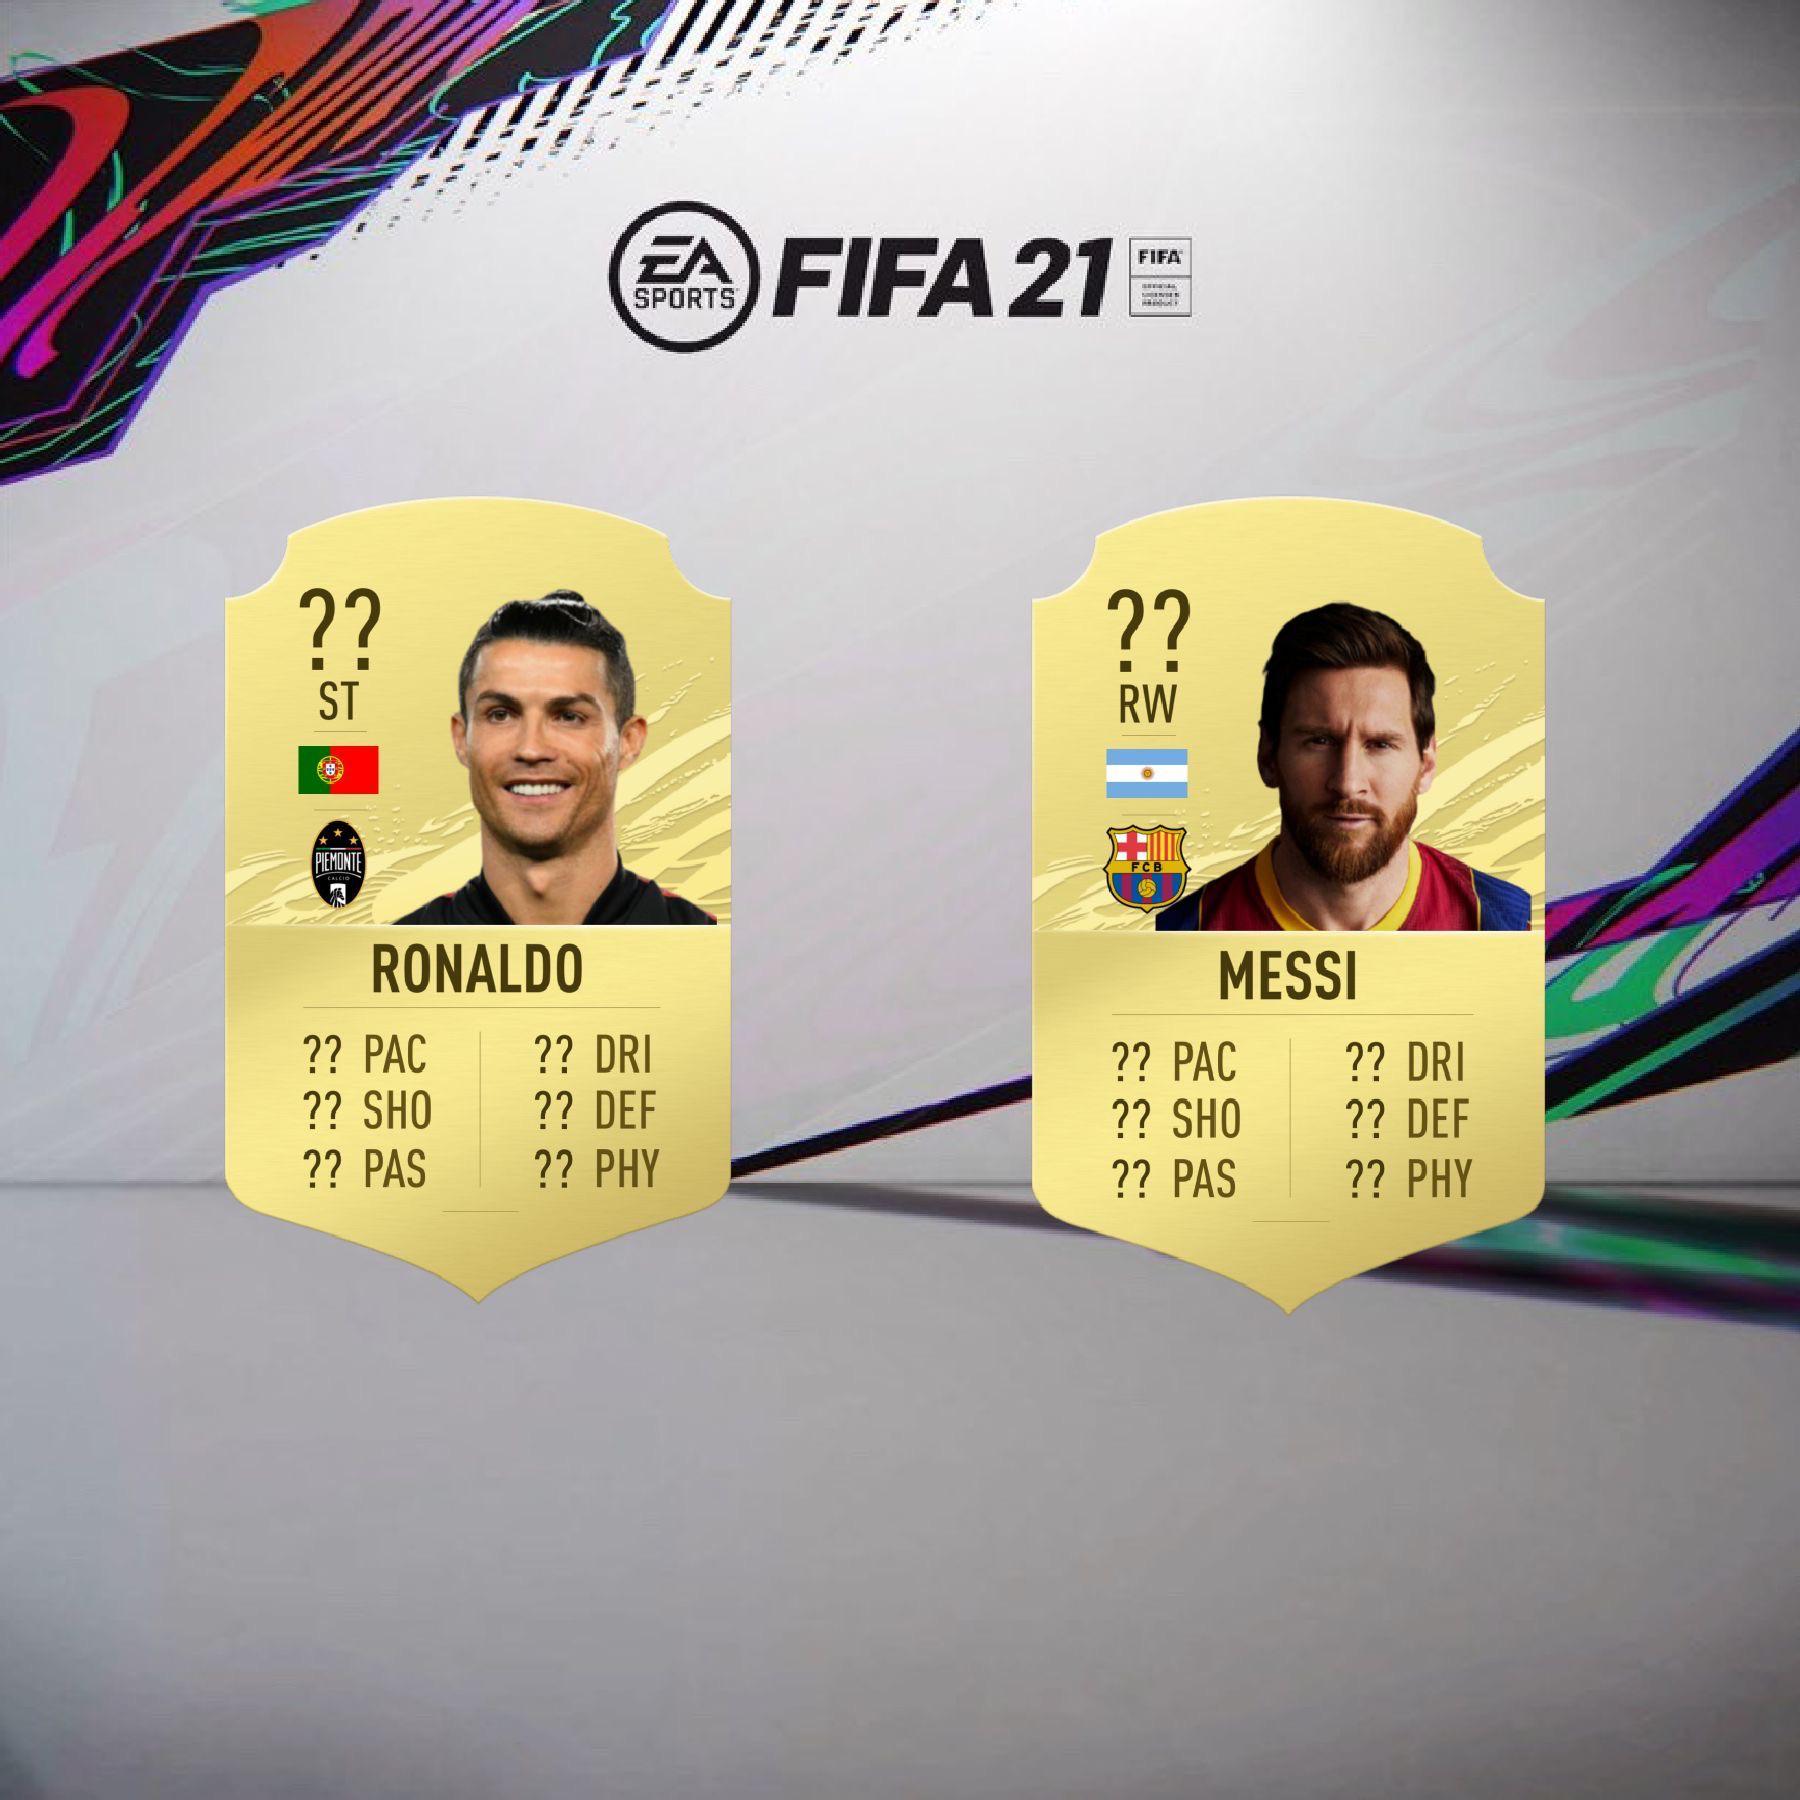 FIFA 21 определи Меси за по-добър от Роналдо, ясни са рейтингите на най-добрите играчи